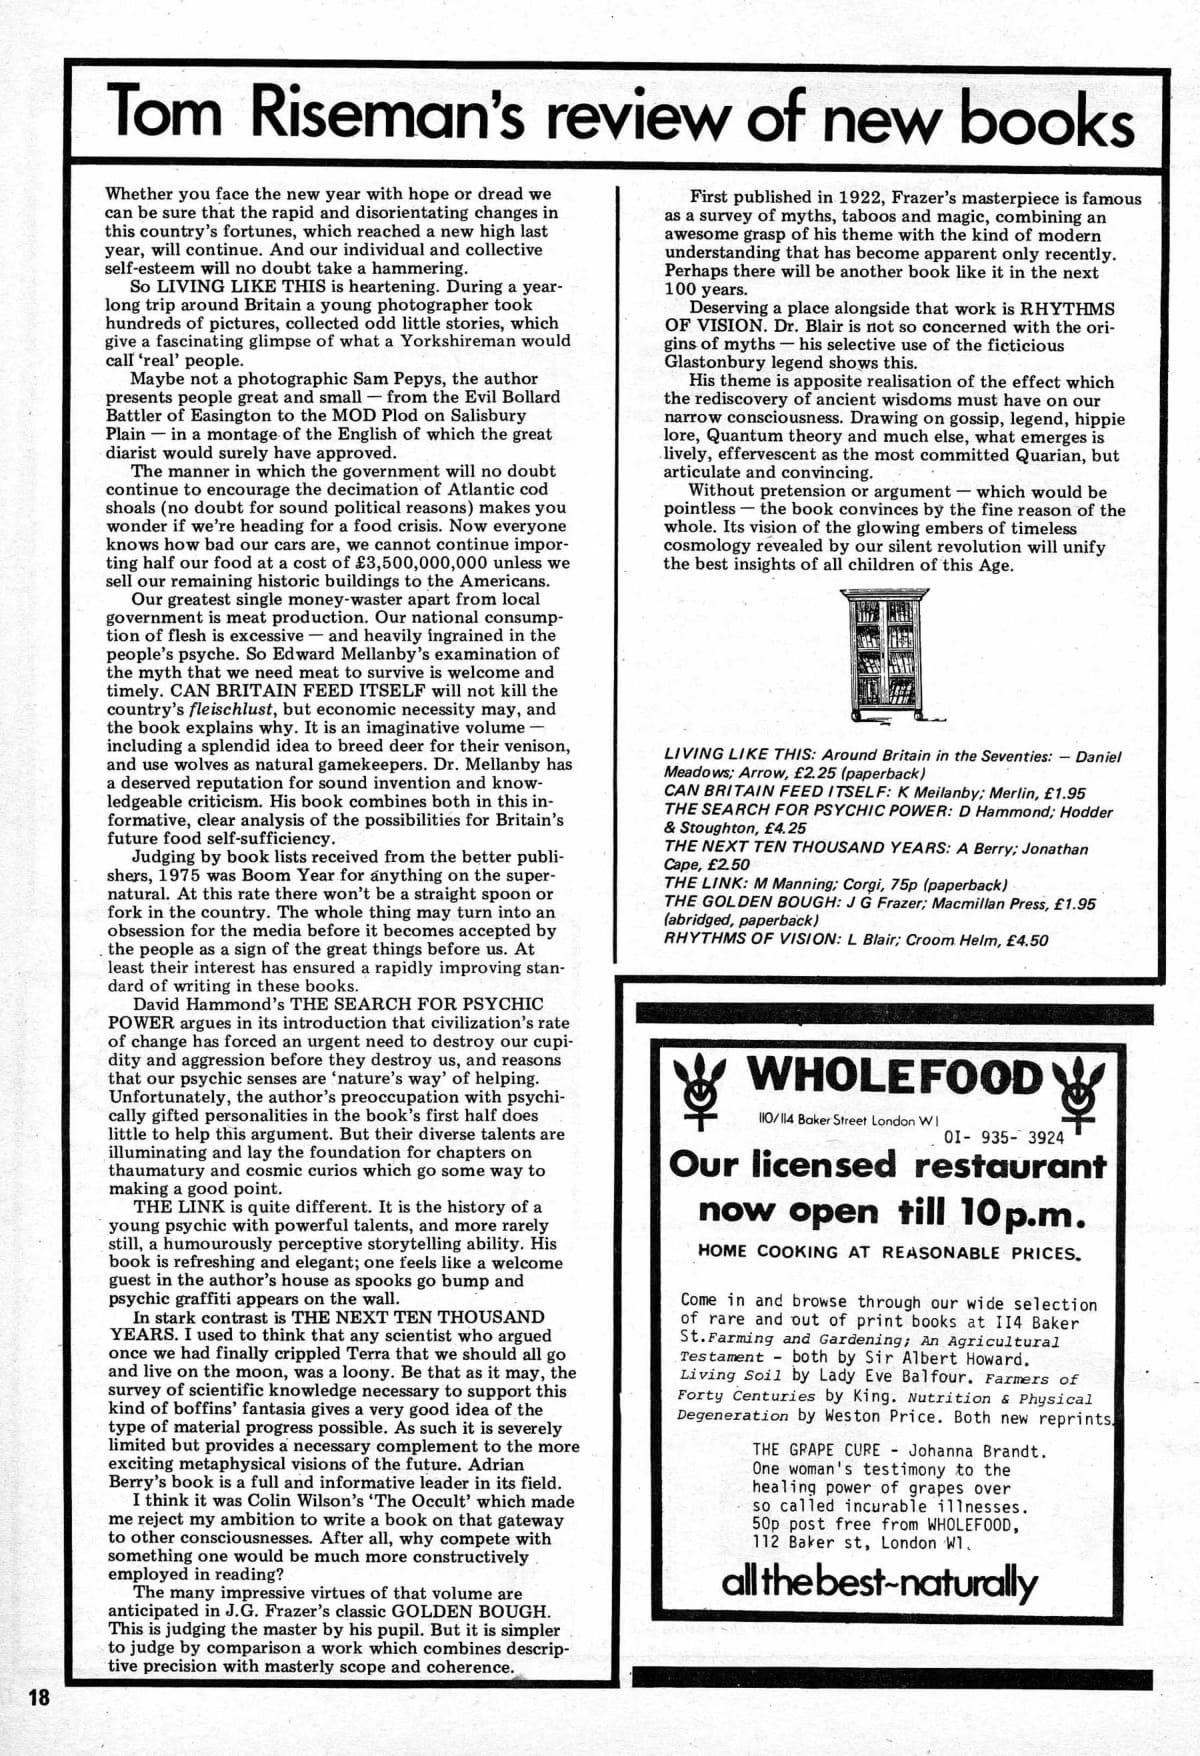 Seed Vol 5 No 1 Jan 1976 p 18 — Craig Sams